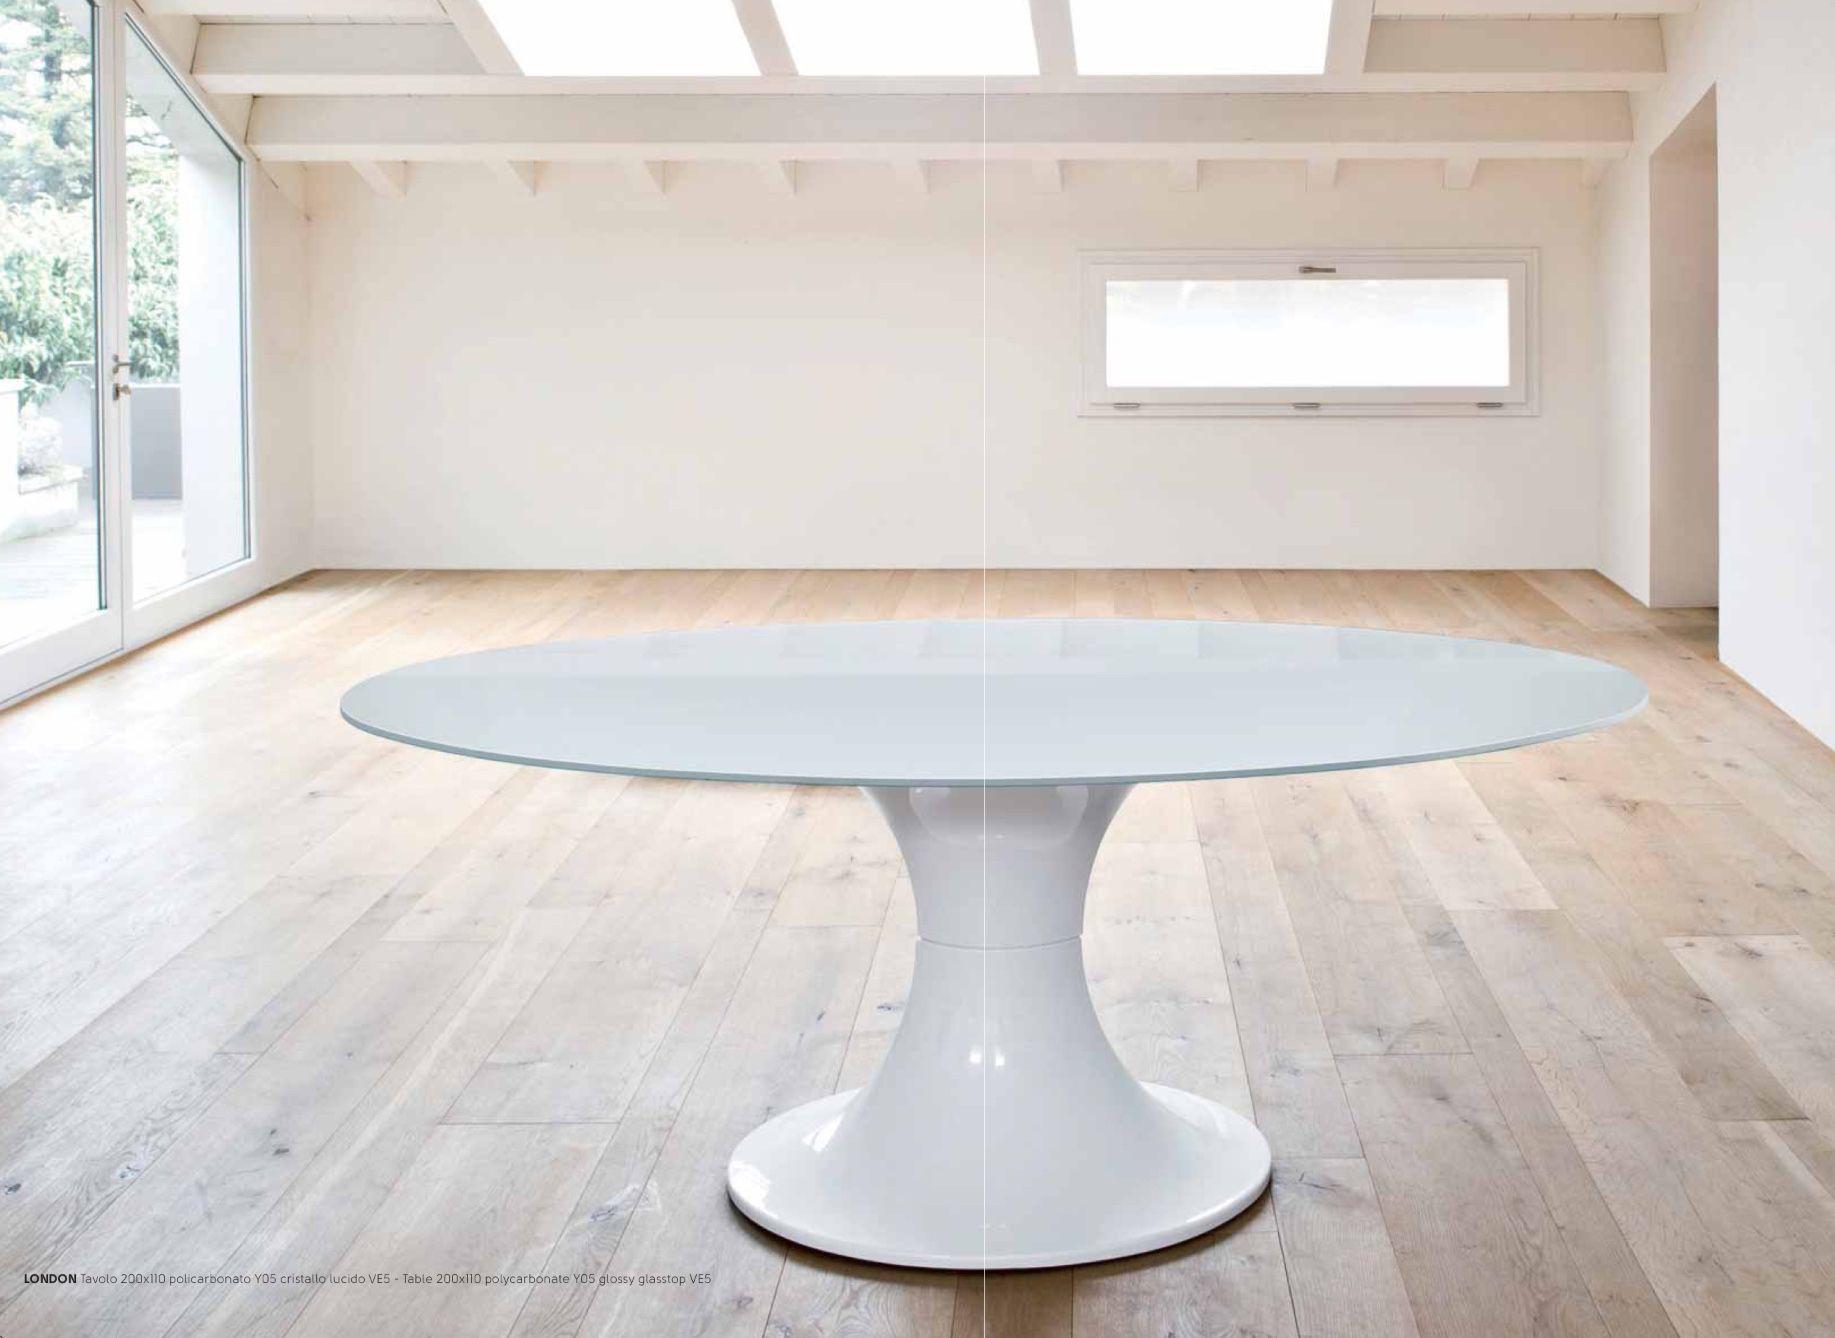 Tavolo Ovale ~ Mod london tavolo ovale con basamento centrale in